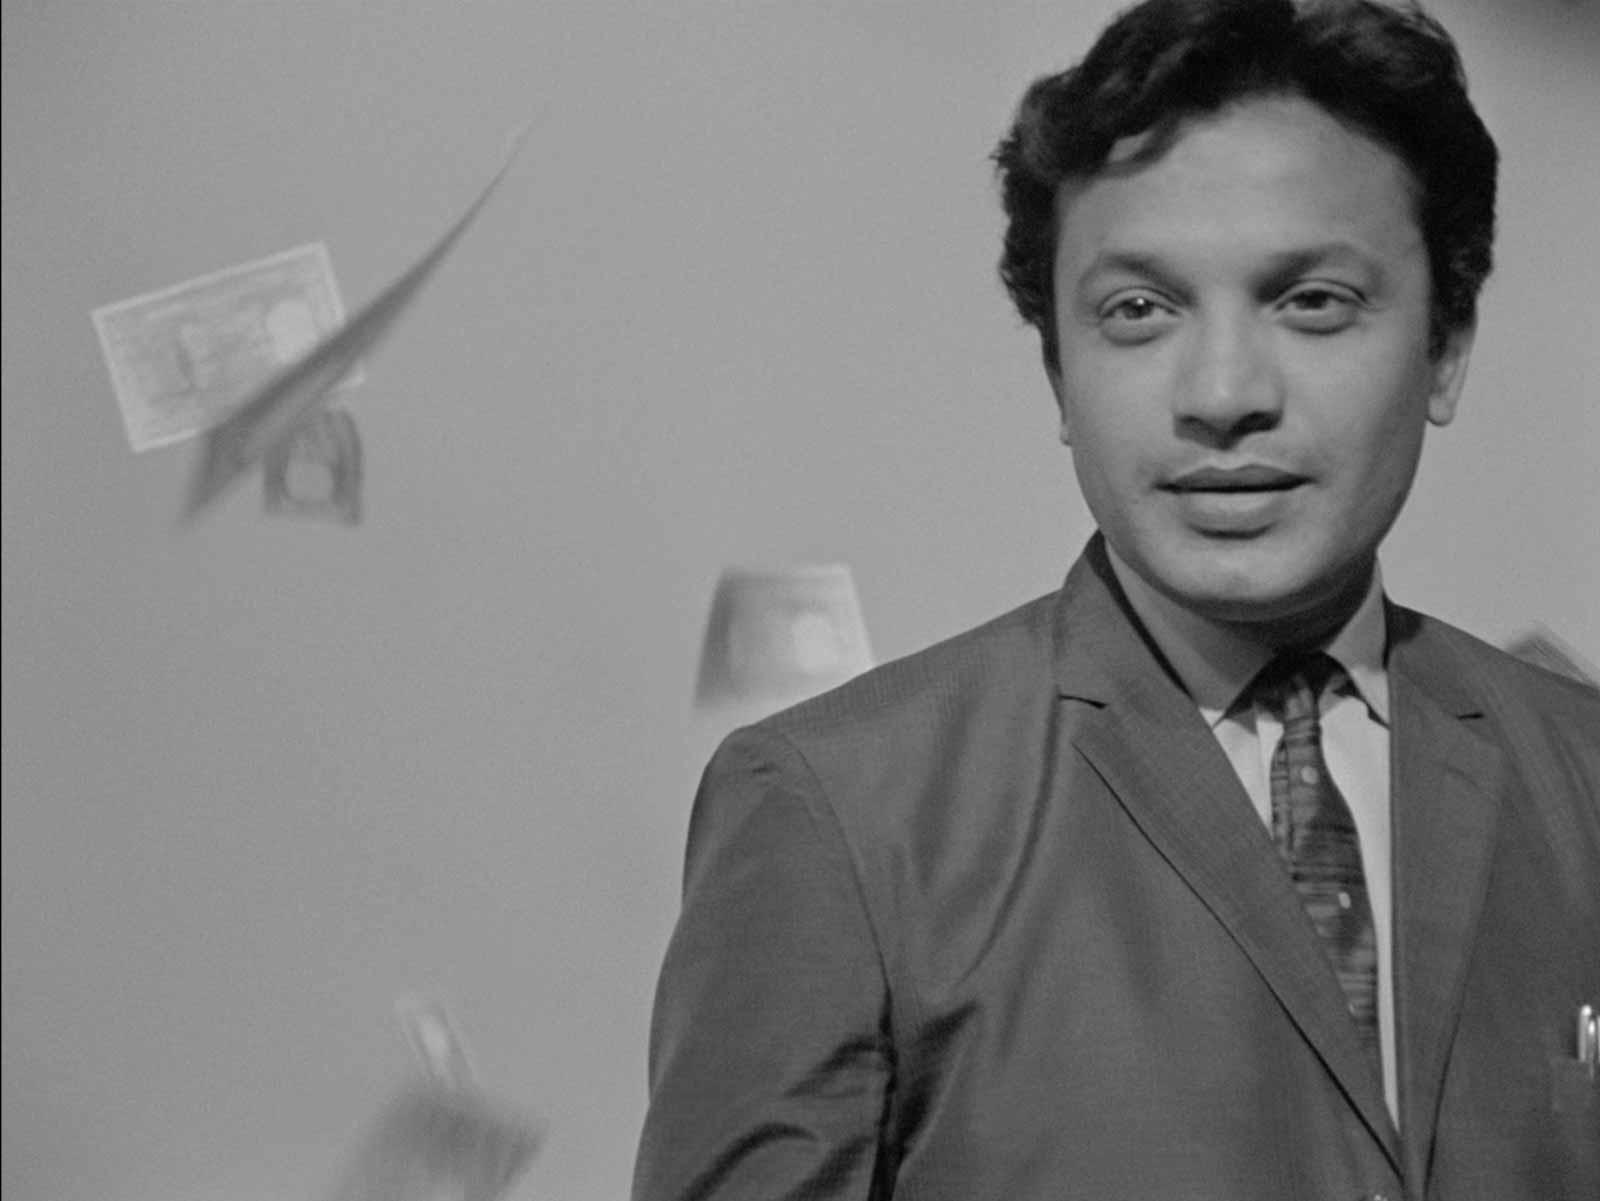 Uttam Kumar as Arindam Mukherjee in Satyajit Ray's The Hero, 1966